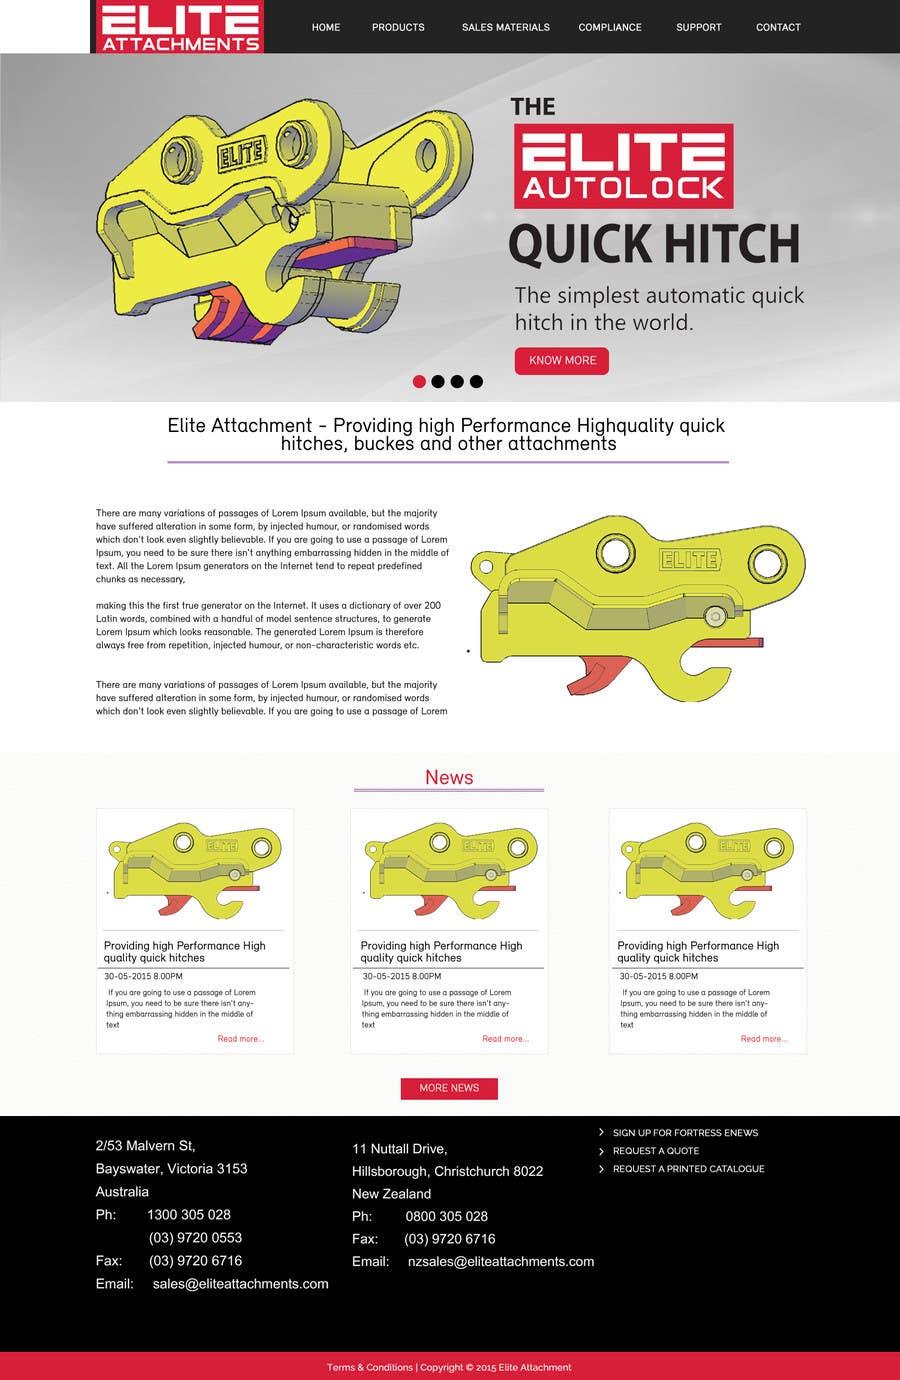 Konkurrenceindlæg #21 for Design a Website Mockup for Elite Attachments Website